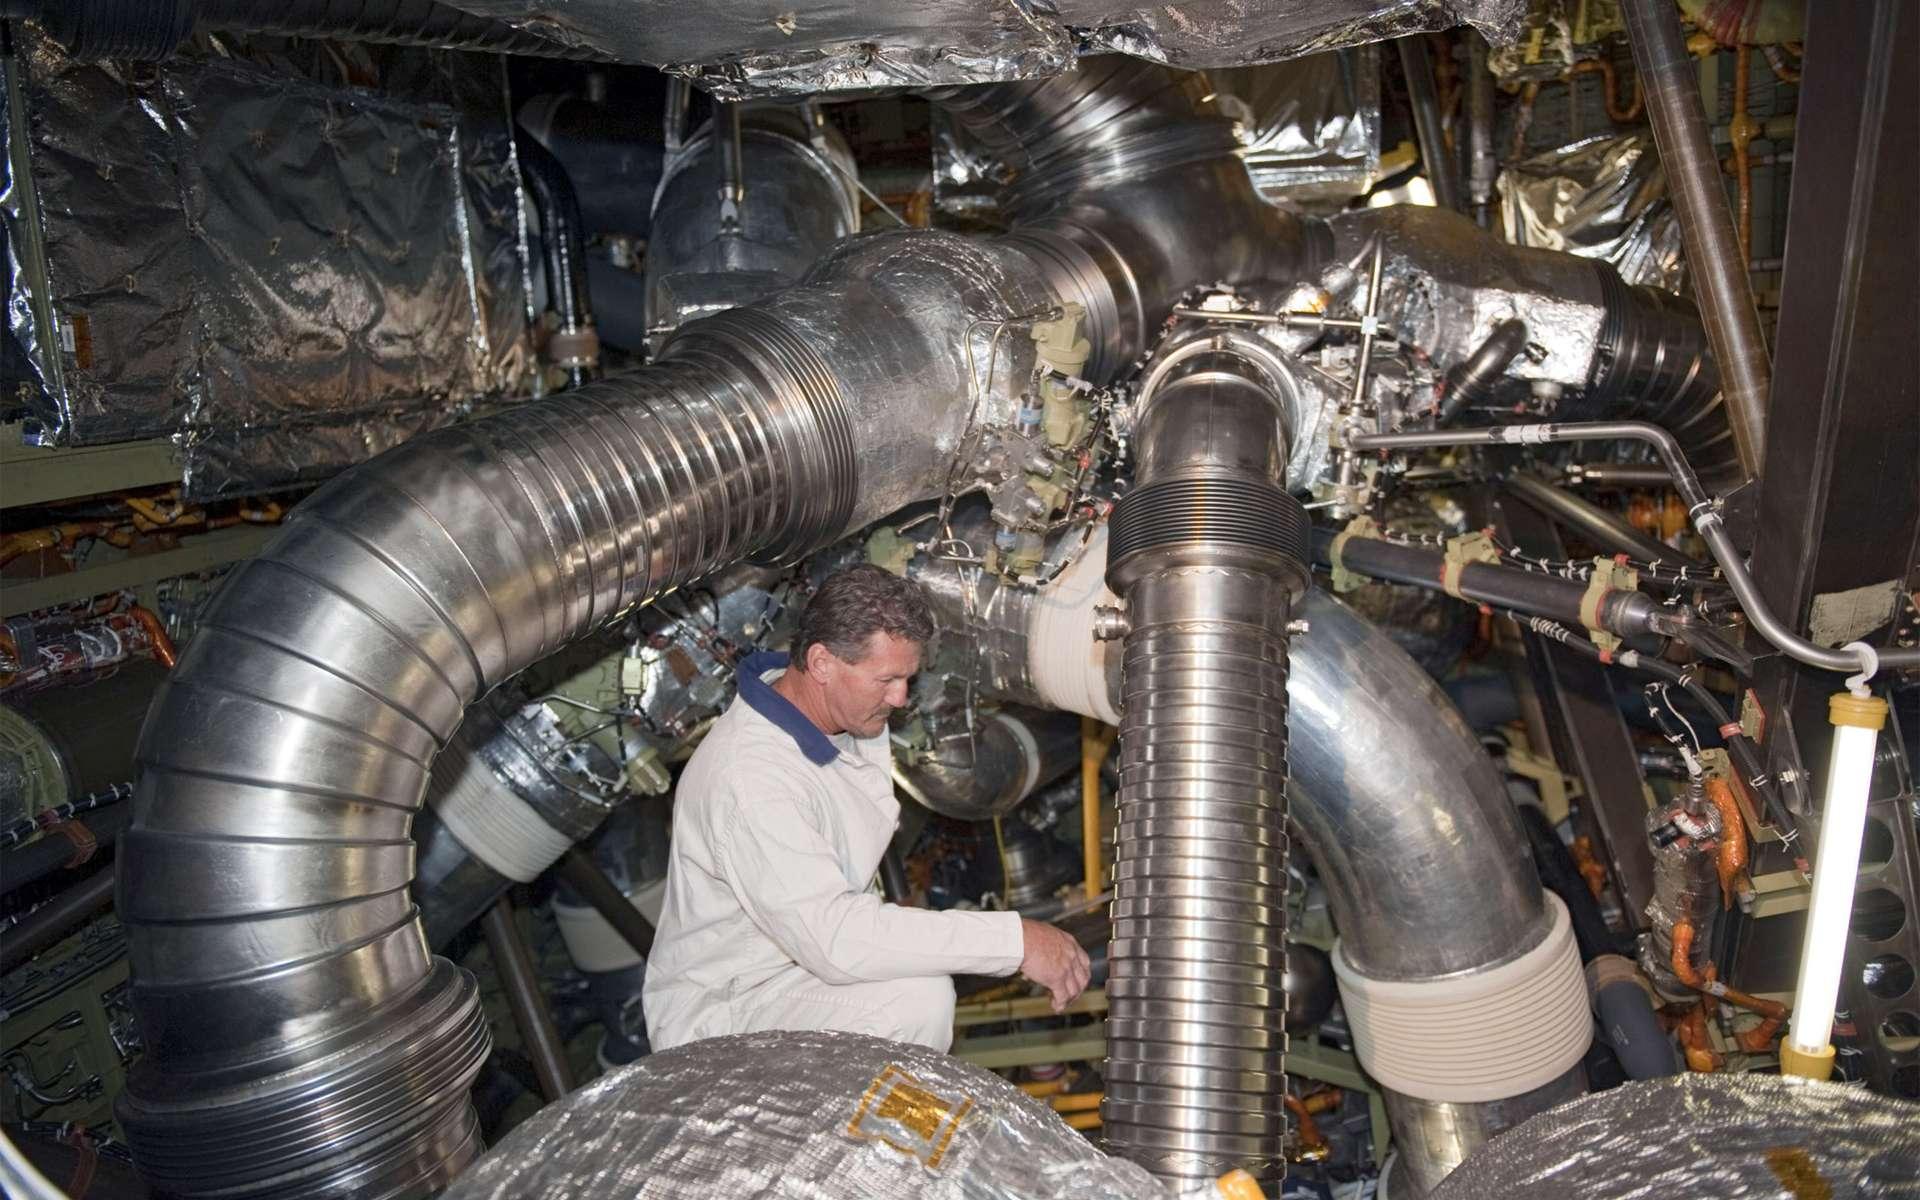 Le lancement de la navette Endeavour vers l'ISS n'aura pas lieu avant le 16 mai. La Nasa souhaite réaliser davantage d'essais pour comprendre la chaîne d'événements à l'origine de la panne électrique qui avait provoqué le report de la mission. © Nasa